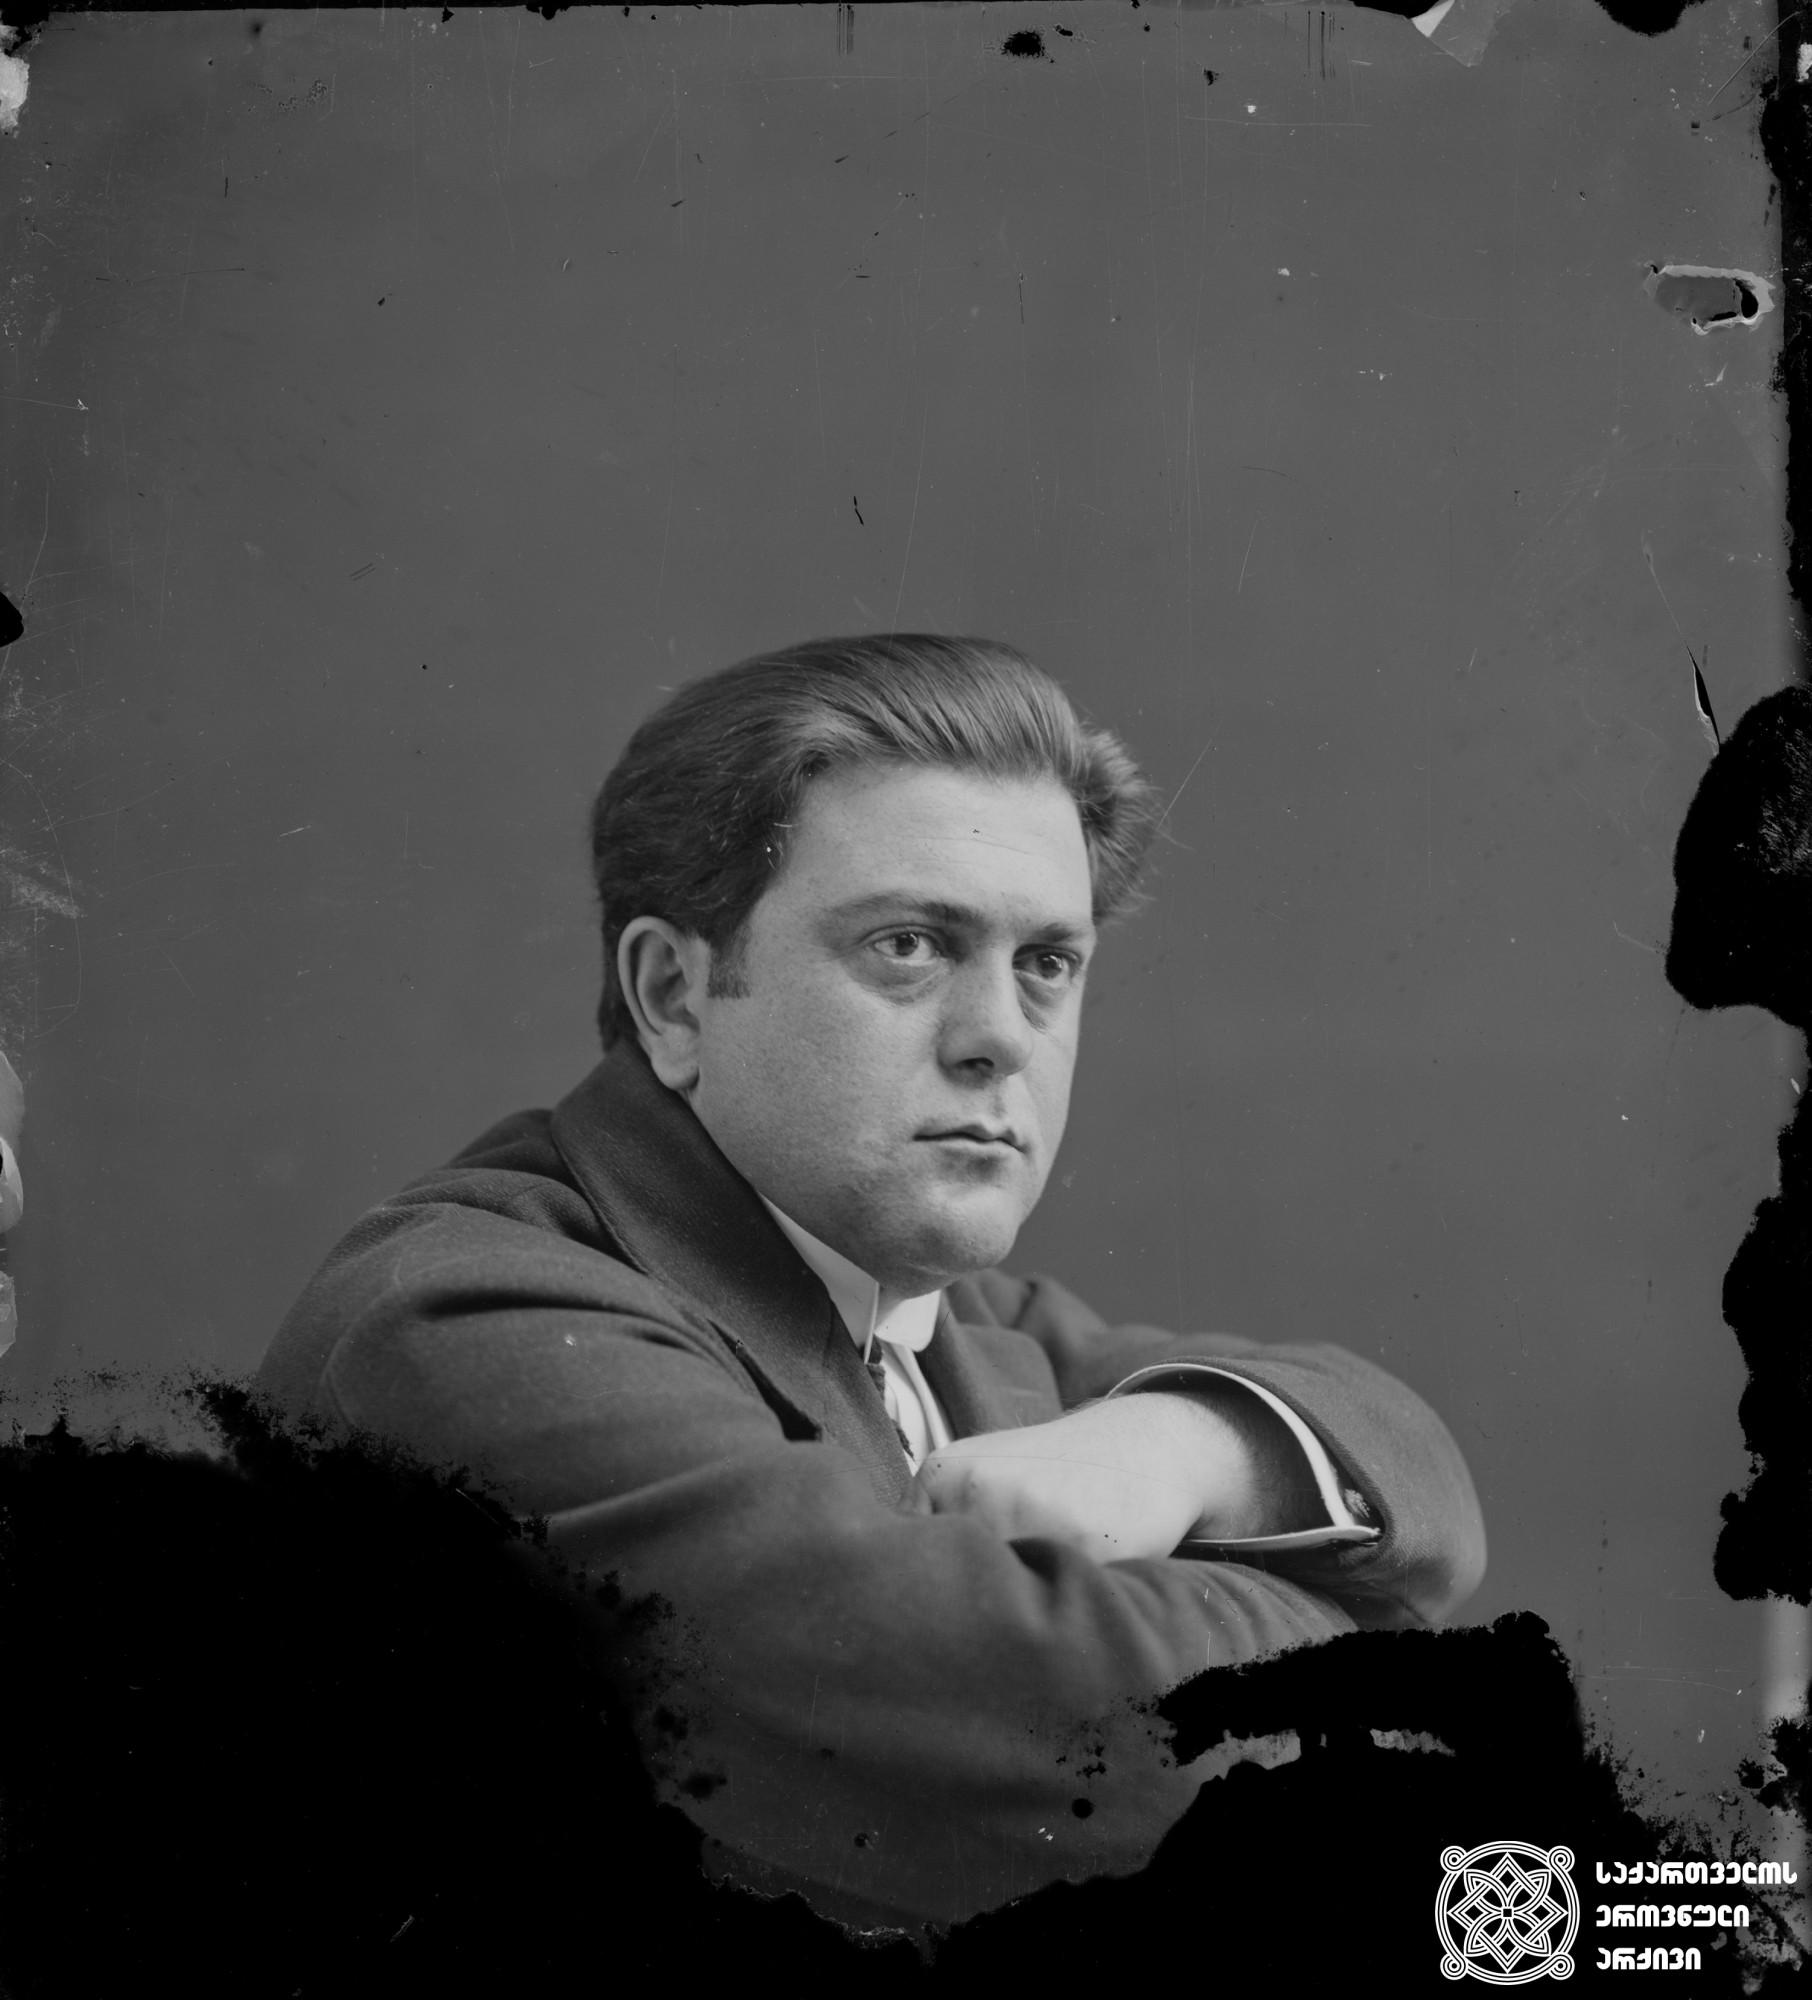 მსახიობი ალექსანდრე (სანდრო) ყალაბეგიშვილი (1883-1937). <br> მინის ნეგატივი 12X16. <br> Actor Aleksande (Sandro) Kalabegishvili (1883-1937). <br> Glass negative 12X16. <br>